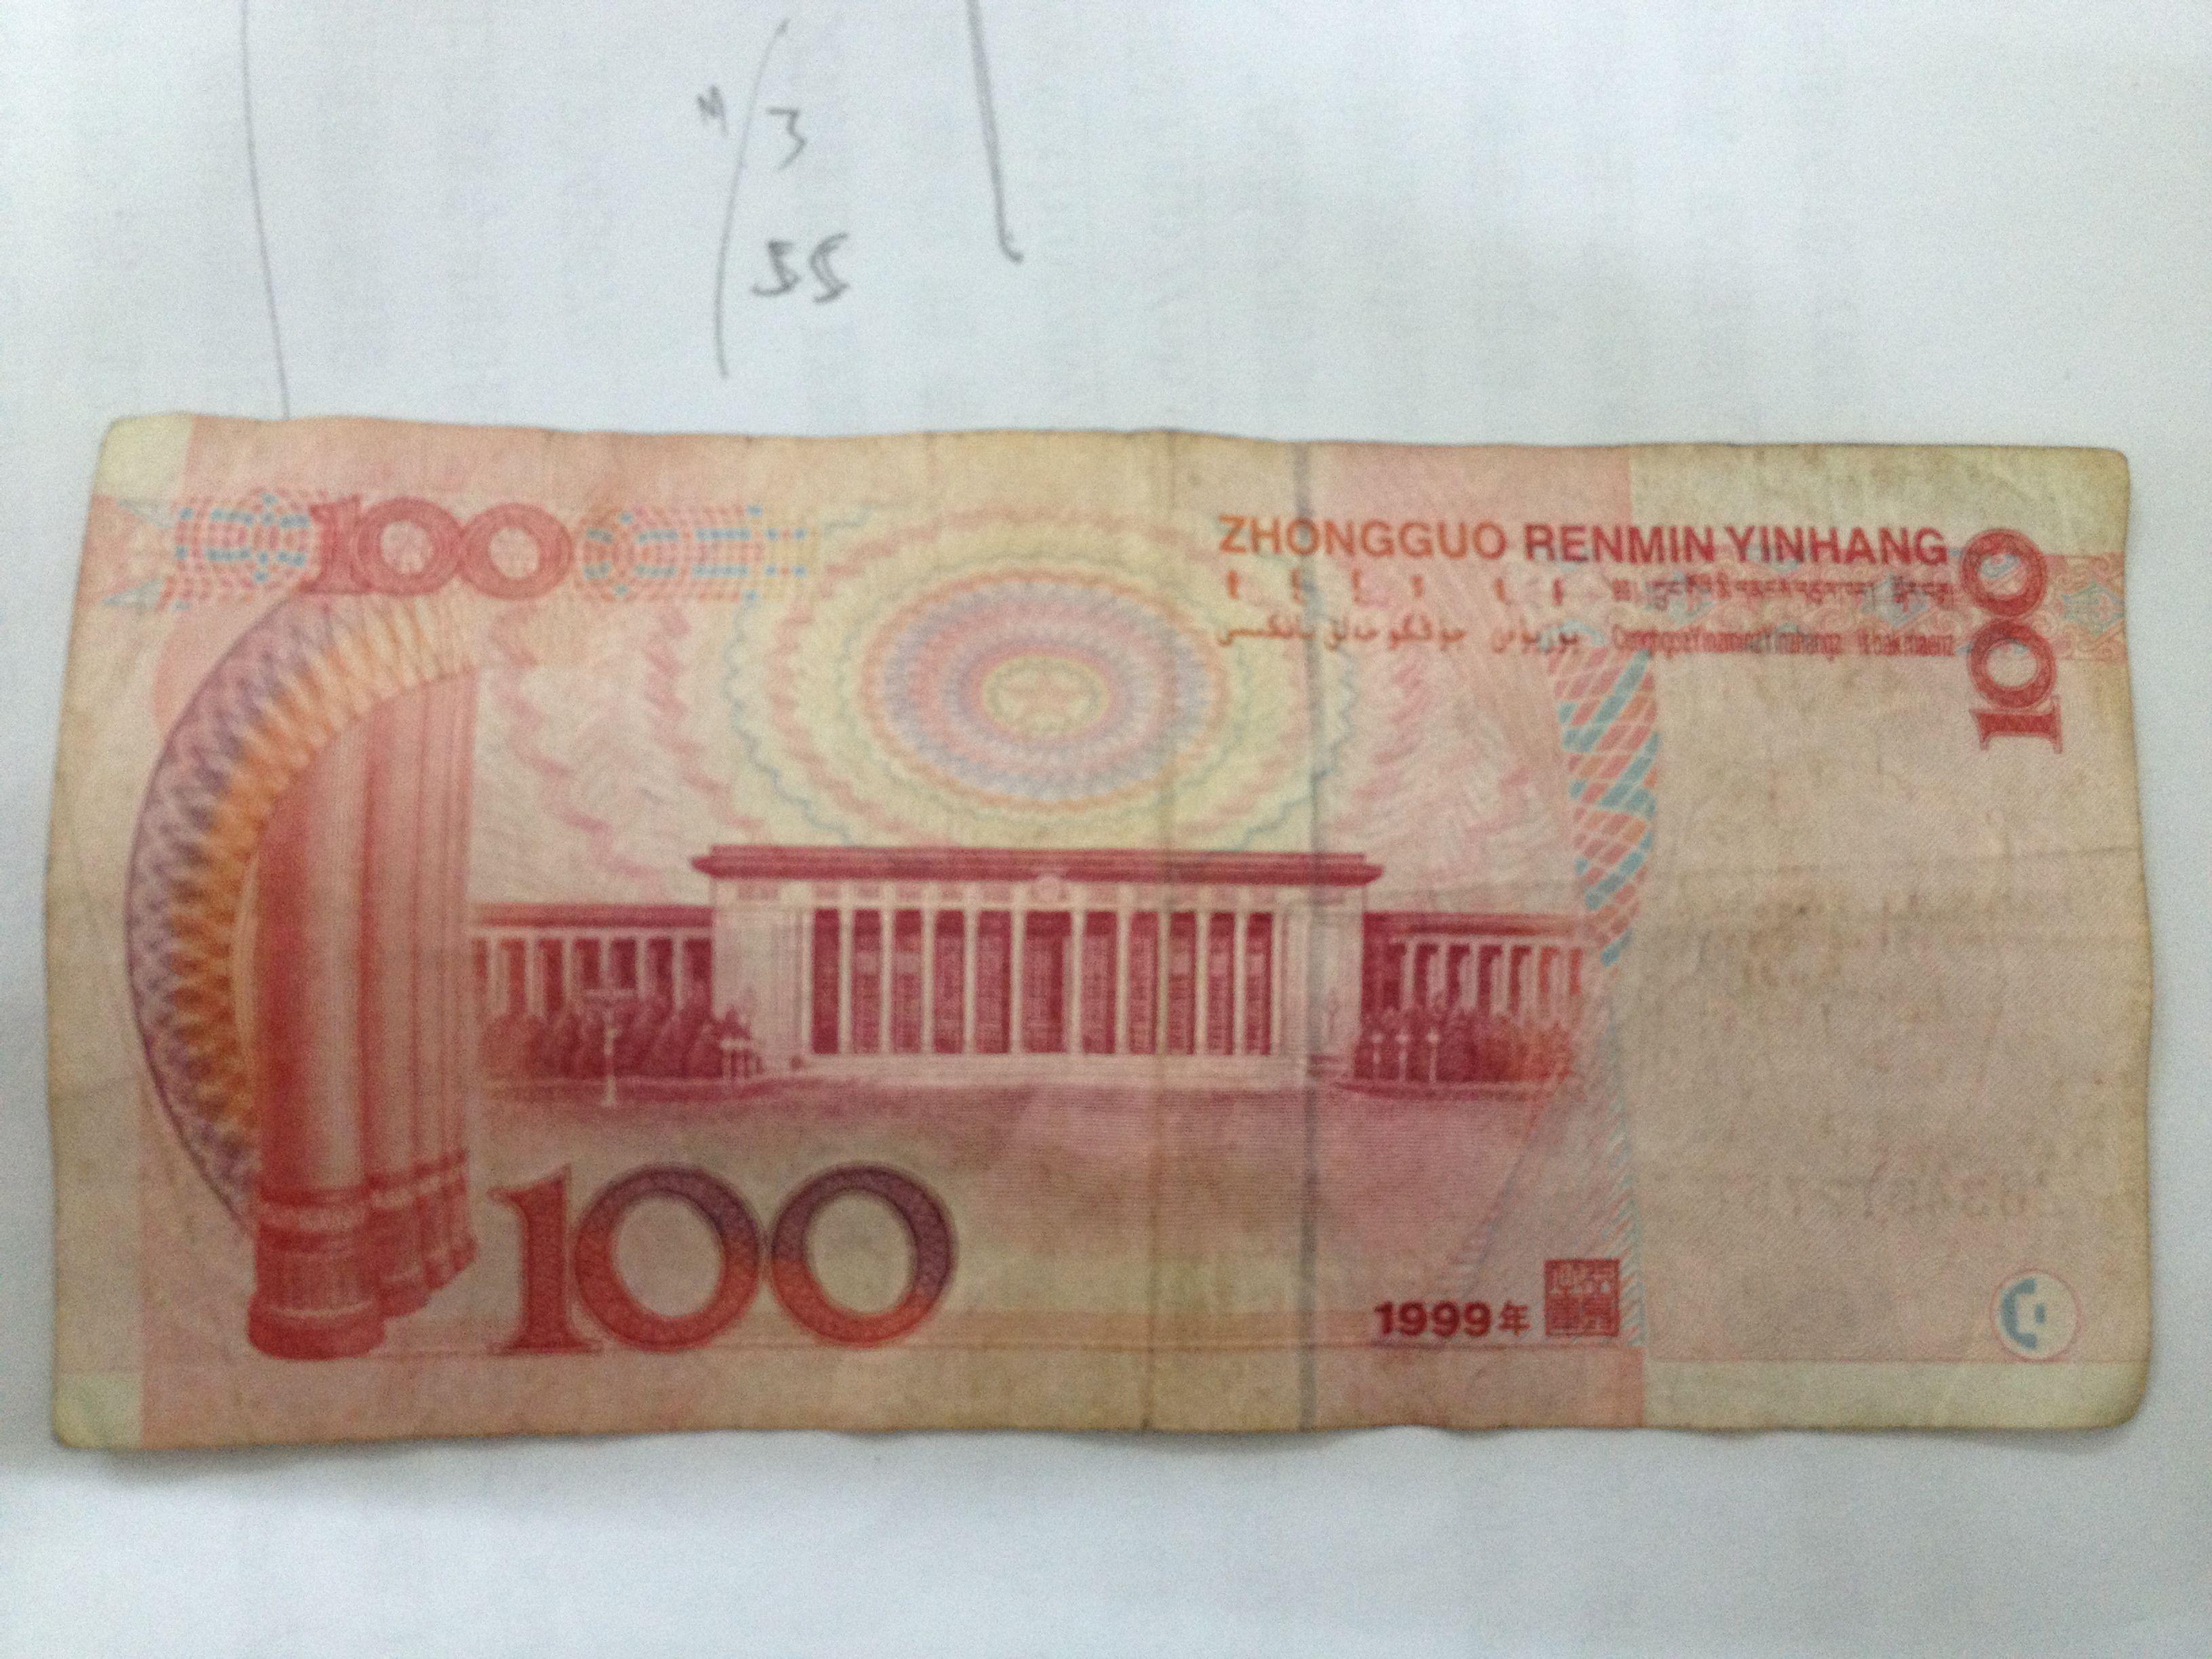 1999百元人民币_1999年版的百元人民币求鉴定_百度知道